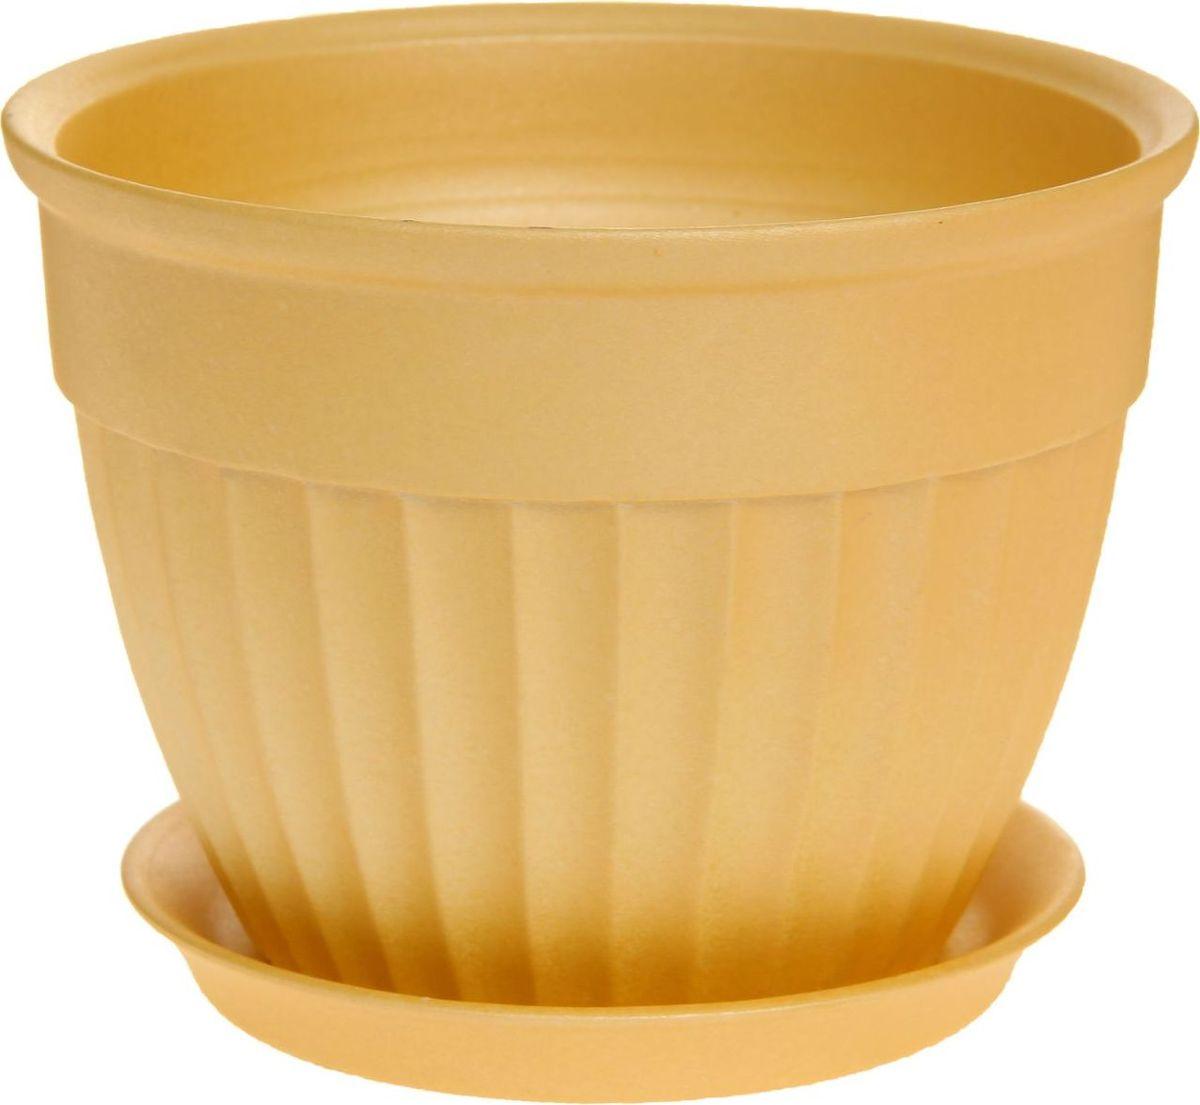 Кашпо Керамика ручной работы Ромашка, цвет: желтый, 2 л531-105Кашпо Керамика ручной работы Ромашка выполнен из керамики в оригинальном дизайне, это прекрасный способ подчеркнуть красоту и уникальность любого растения. Такое кашпо прекрасно подойдет для выращивания в нем трав и цветов.